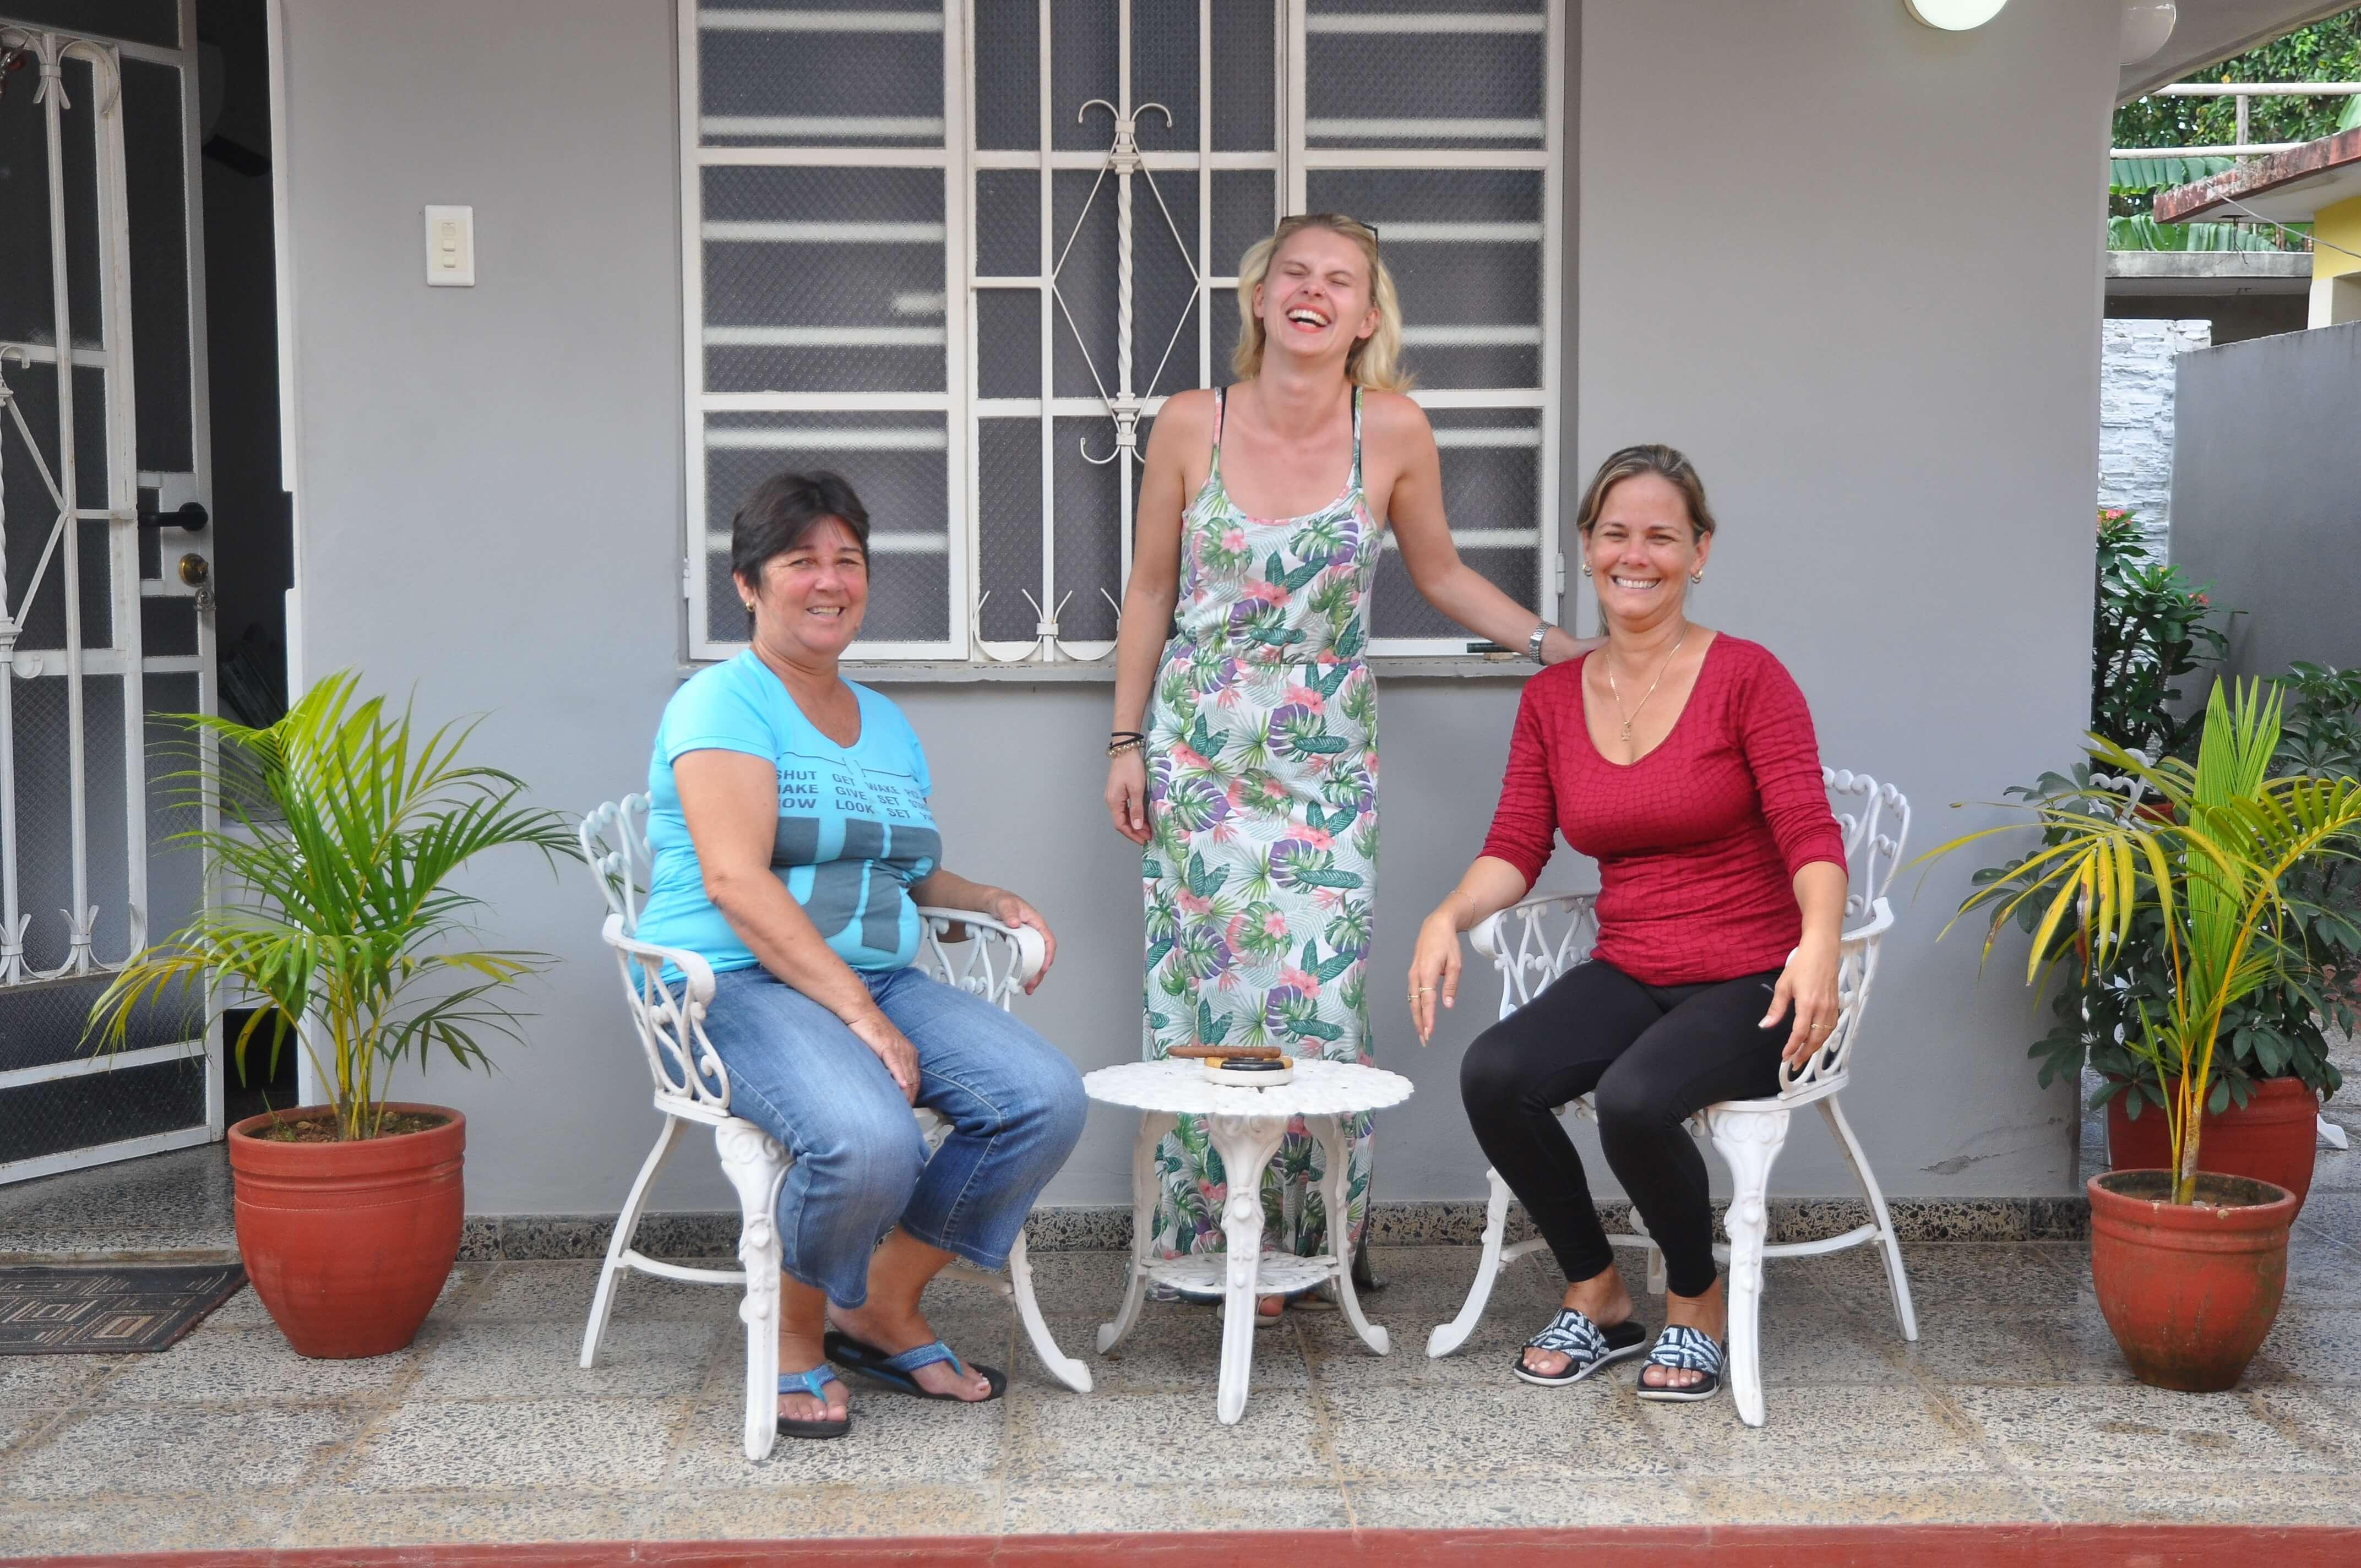 Elisa mit Yuana und Jainet vor der Unterkunft für den Yoga Retreat in Vinales auf Kuba.